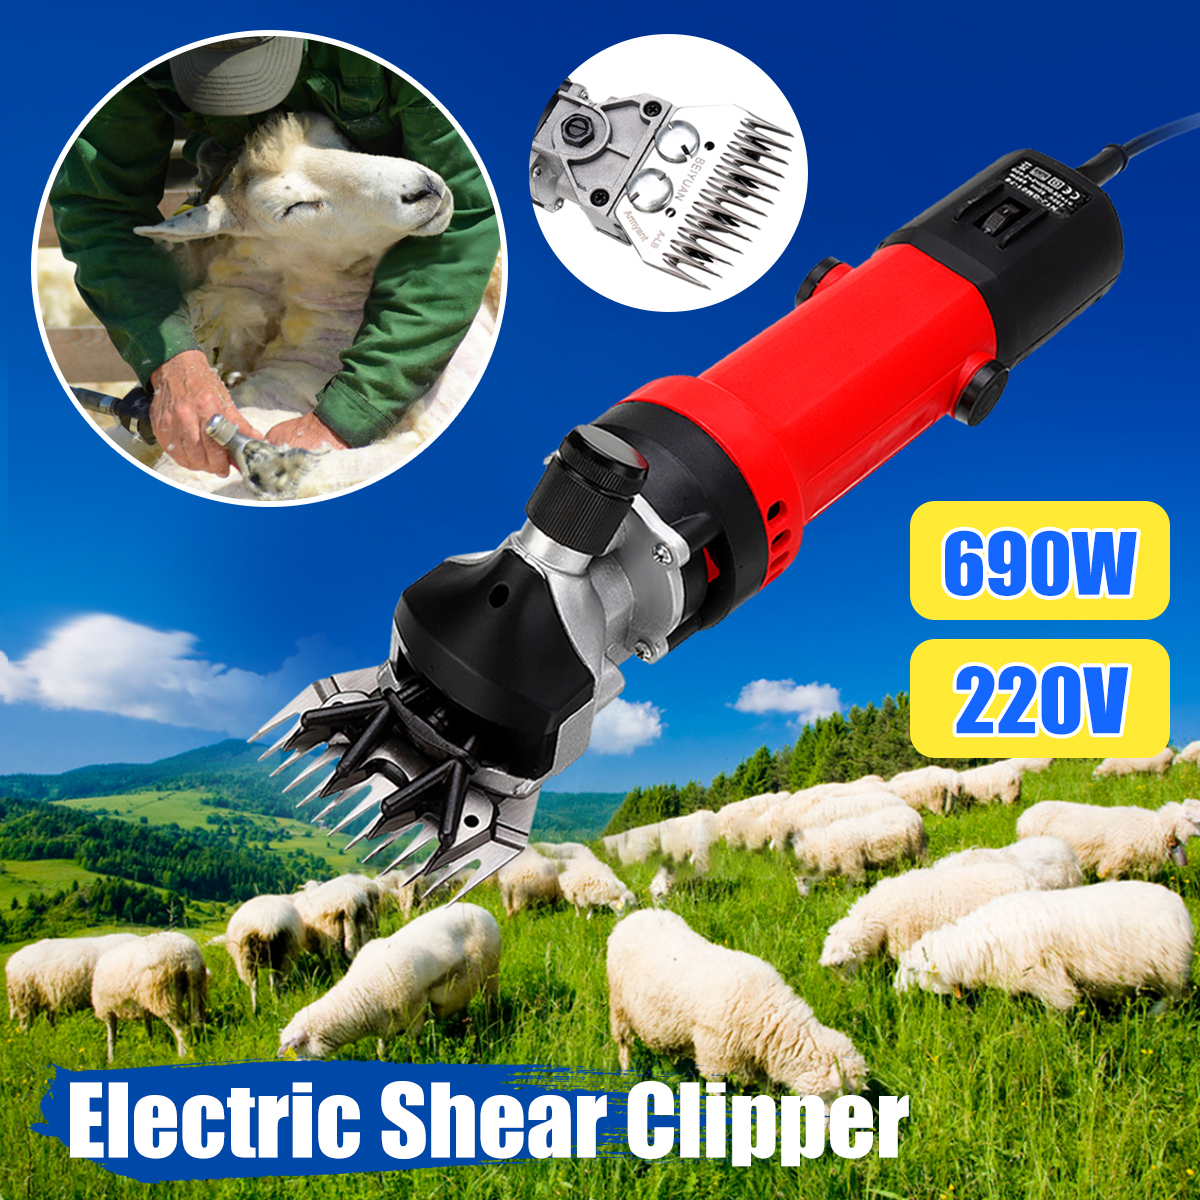 UE Plug 690 w Électrique Shearing Clipper Pet Tondre les Moutons Alpaga Chèvre Ferme Laine Cut Trimmer 220 v Pour La Laine électrique Tonte des Moutons